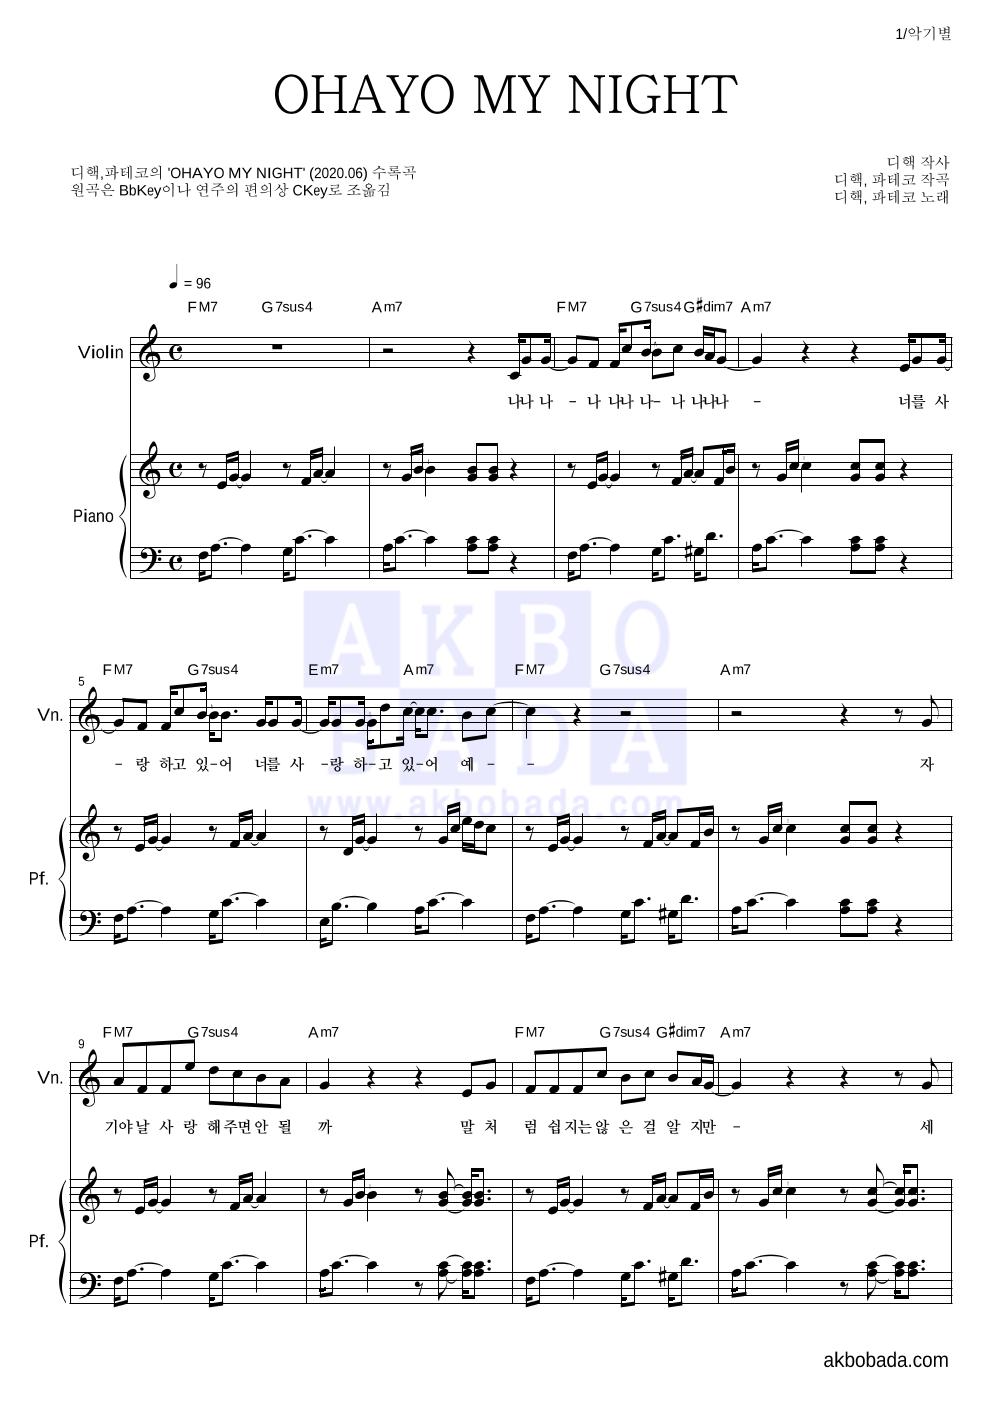 디핵,파테코 - OHAYO MY NIGHT 바이올린&피아노 악보